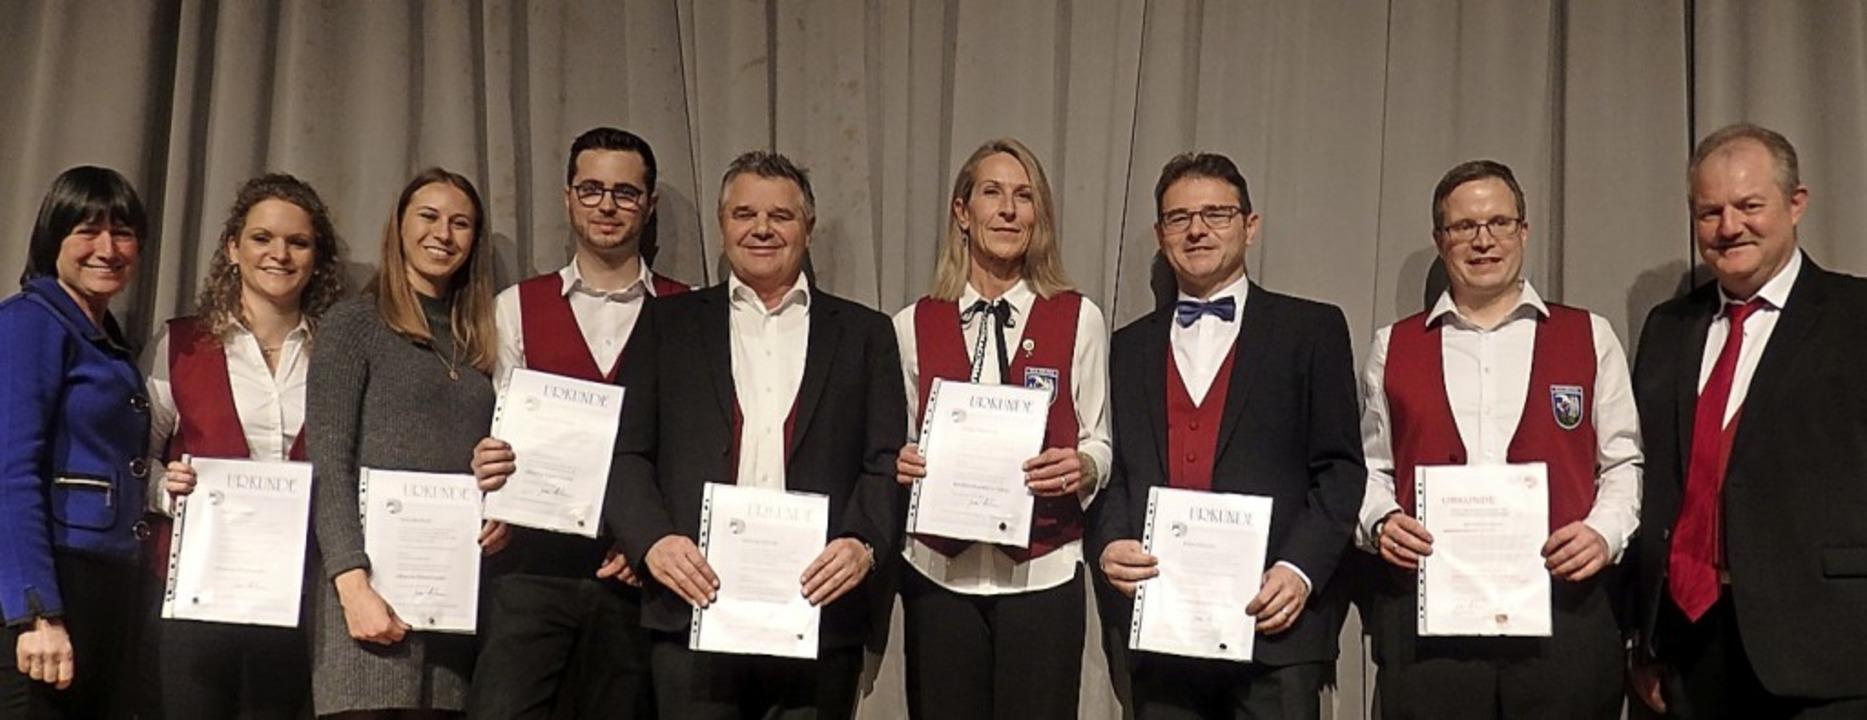 Langjährige Mitglieder sind eine Stütze des HC Sulzburg.     Foto: Bianca Flier